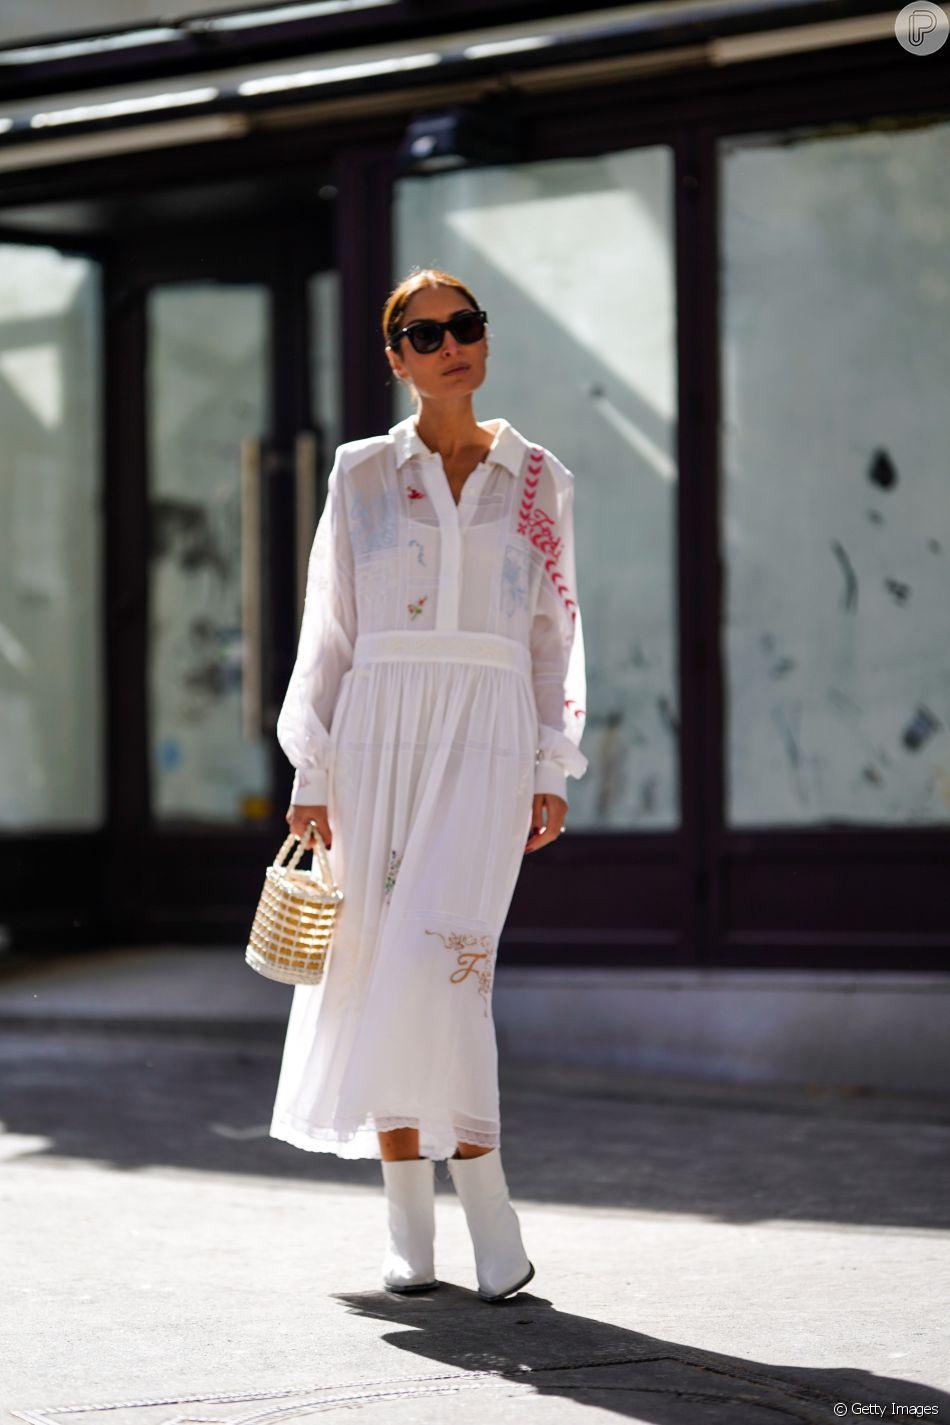 Tendência da temporada: botas brancas - com vestido de verão